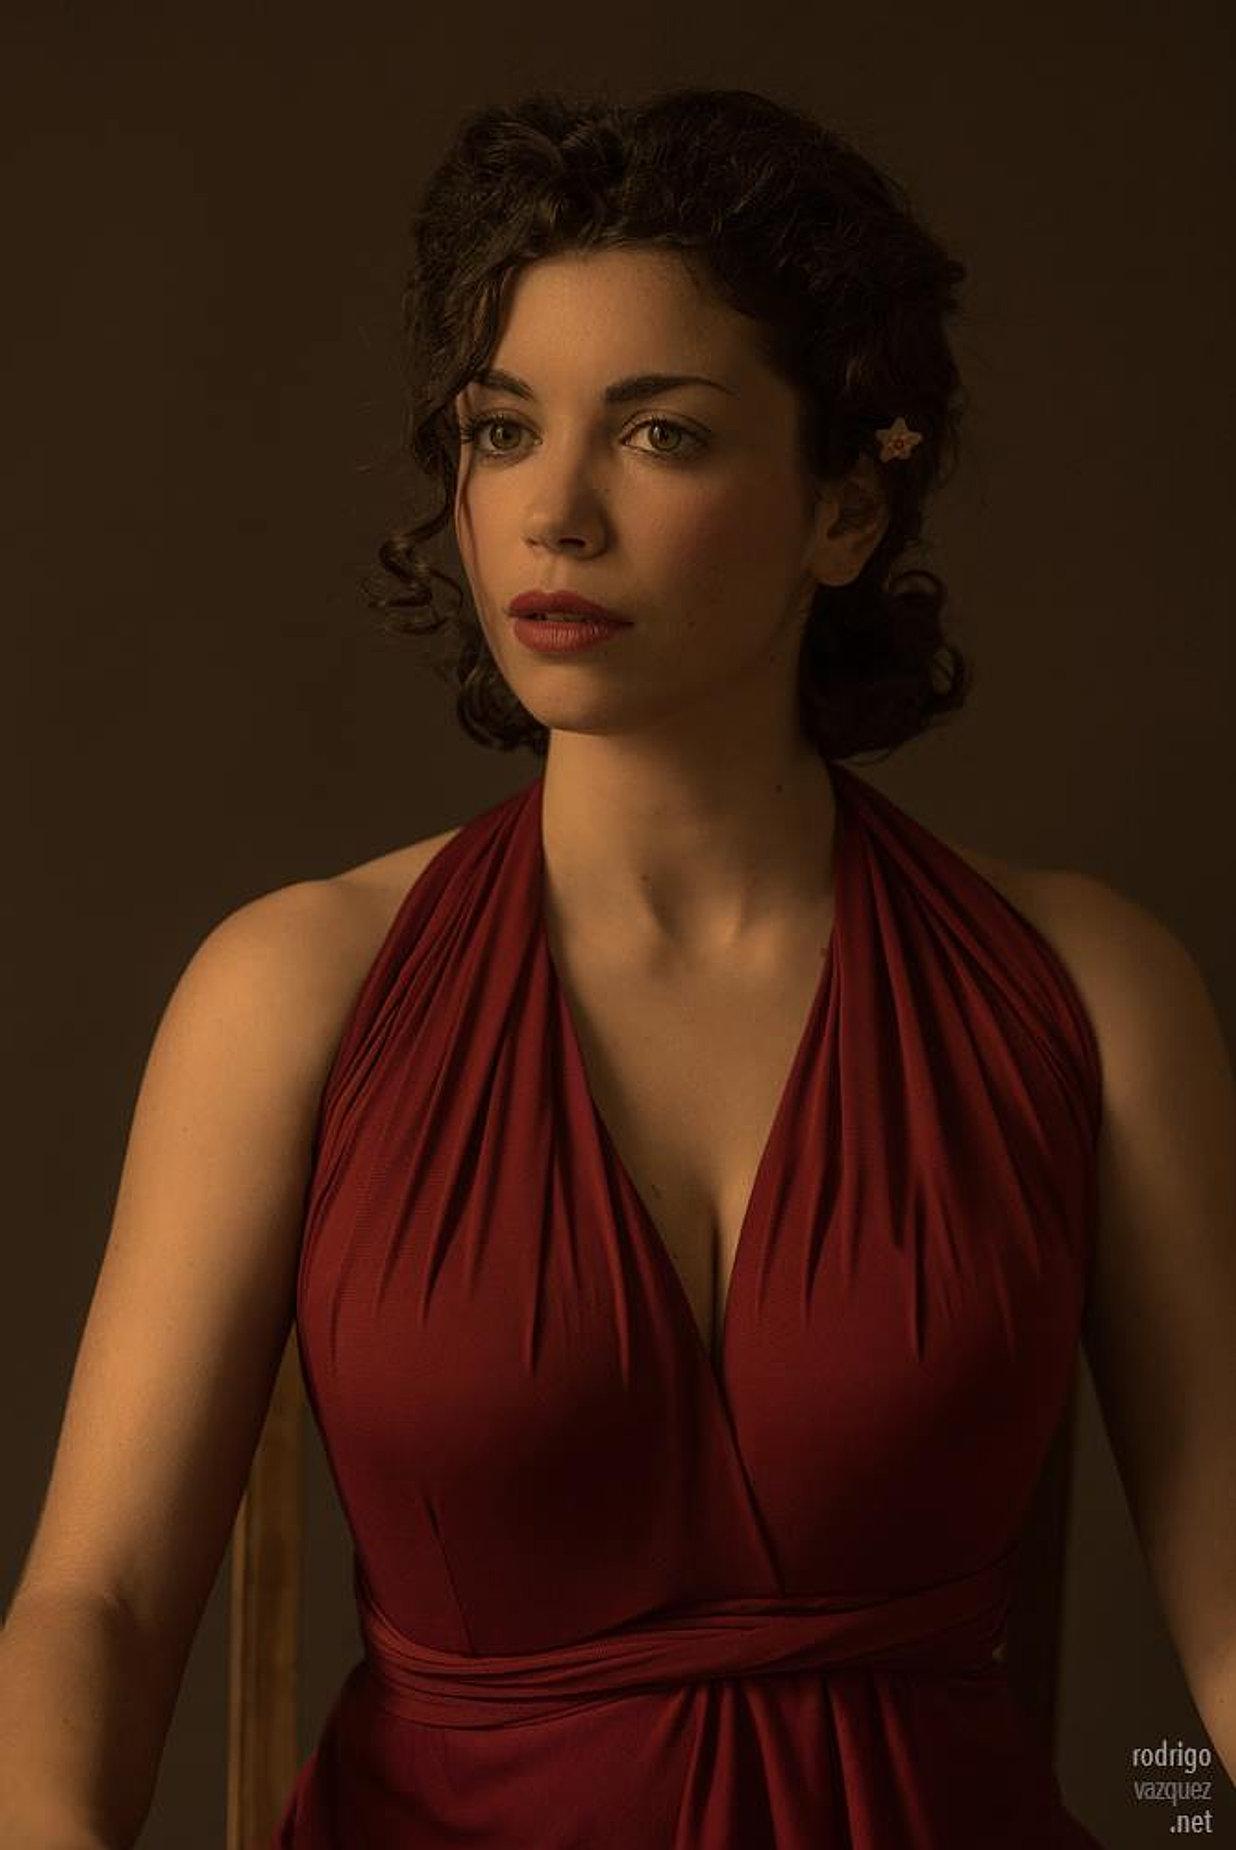 web oficial de la actriz carol rovira